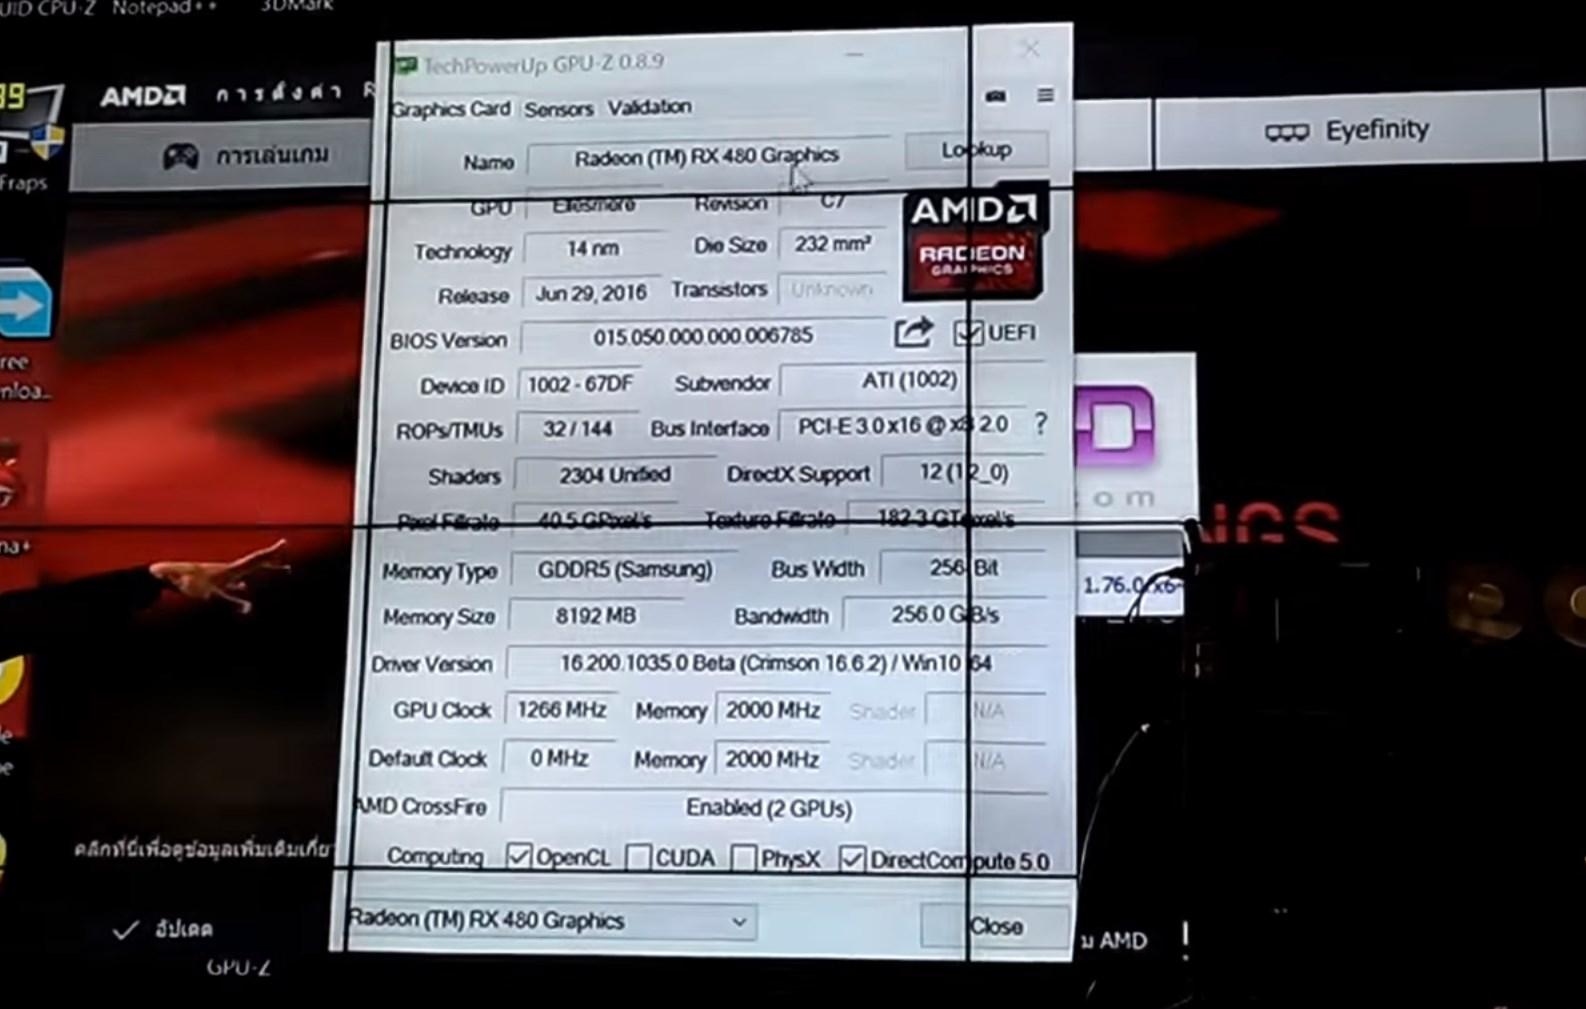 Radeon RX 480 GPUZ